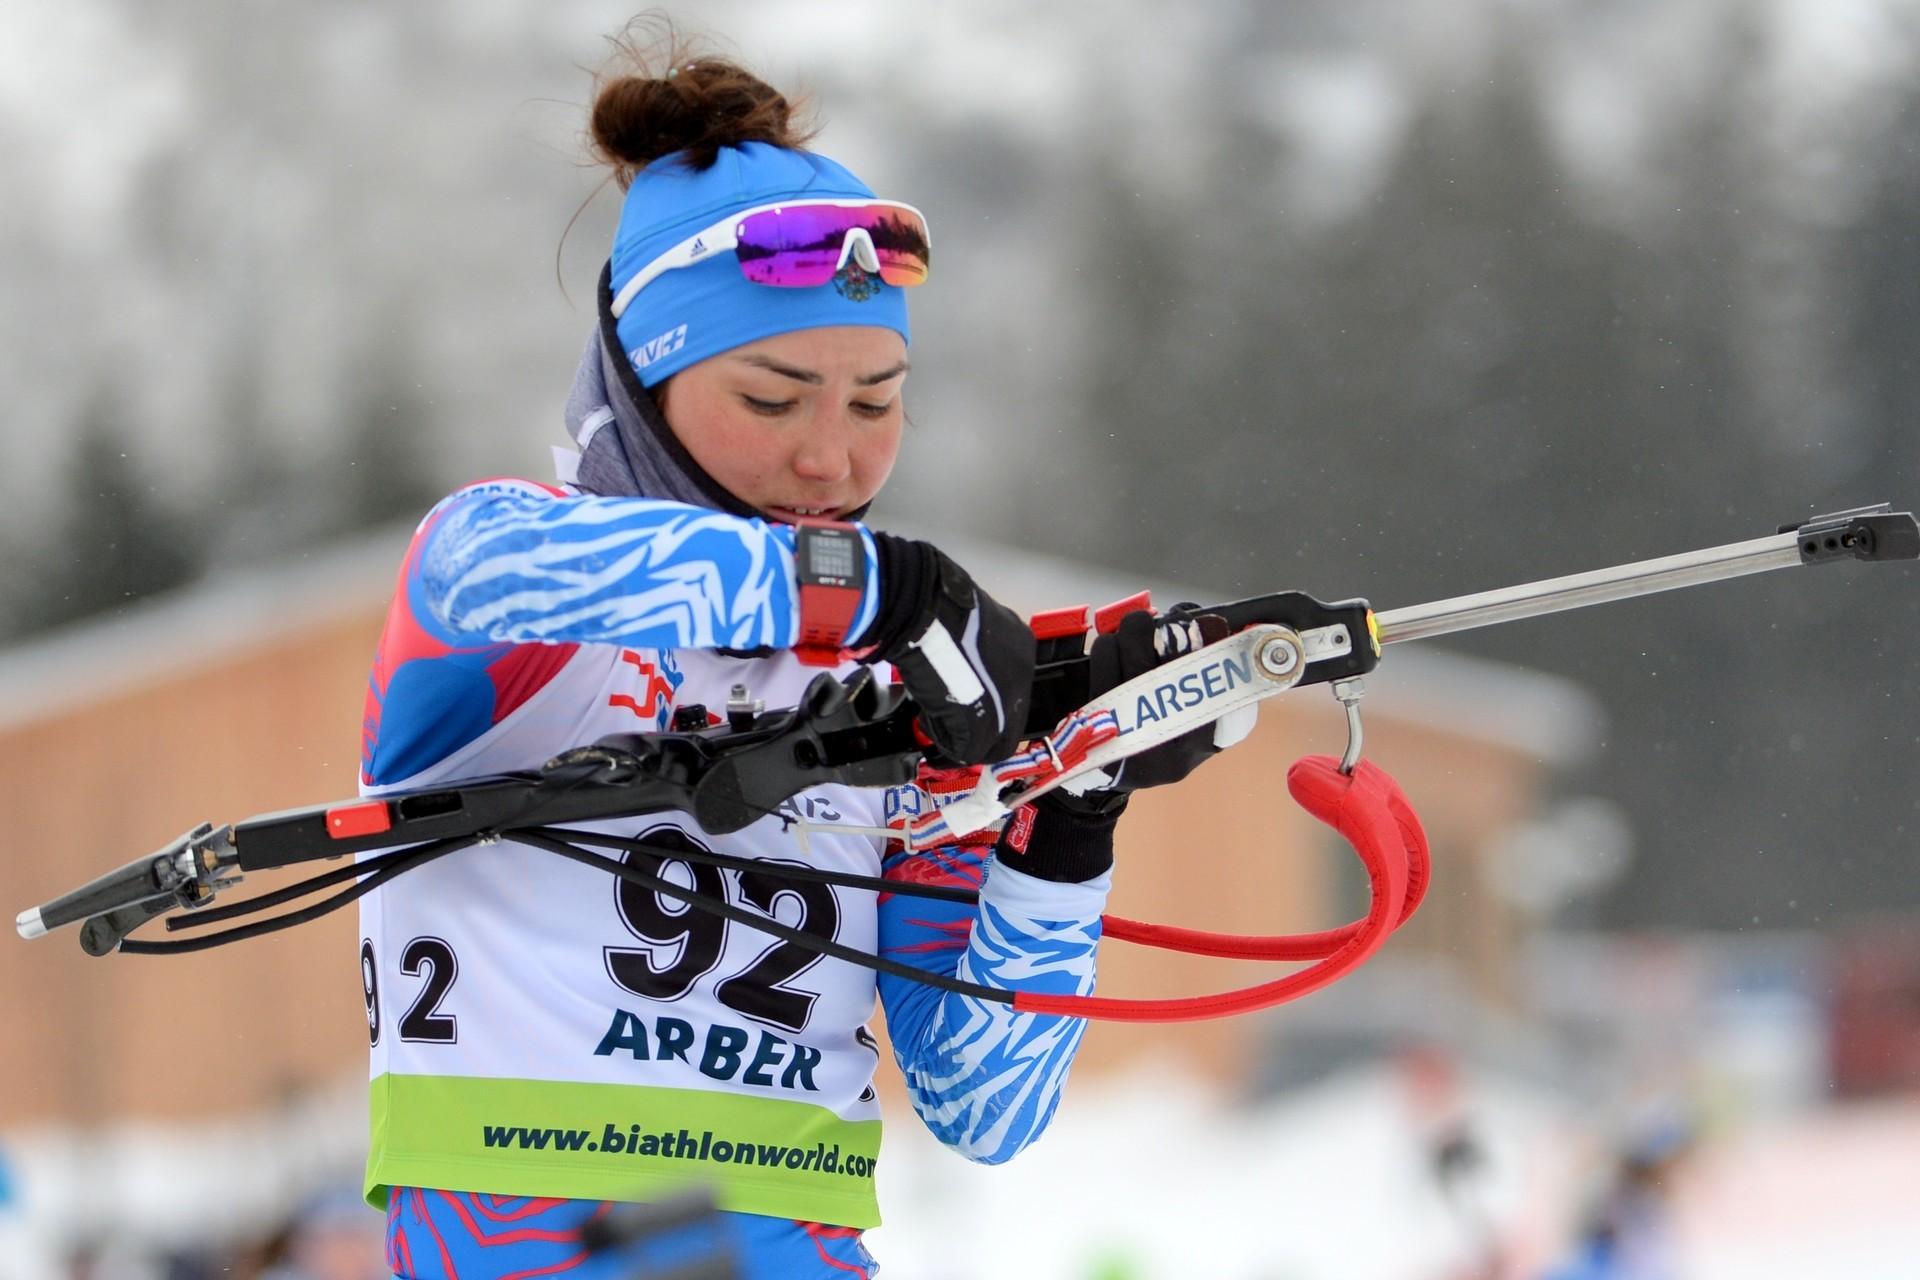 Tatjana Akimova